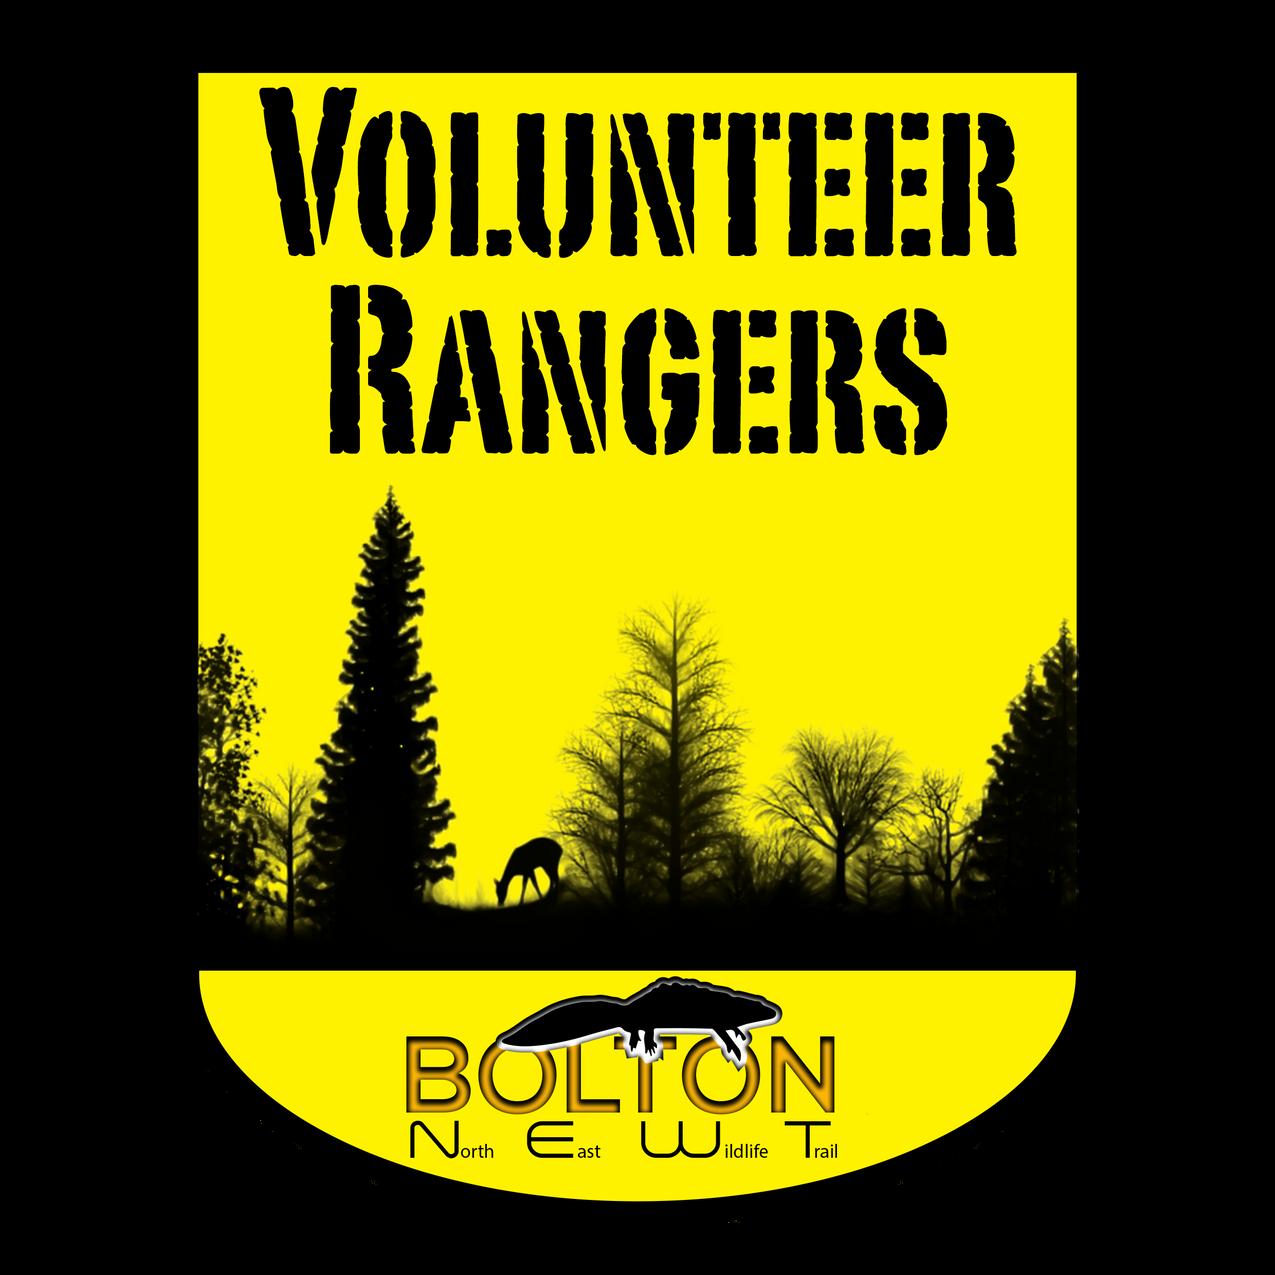 Volunteer Rangers